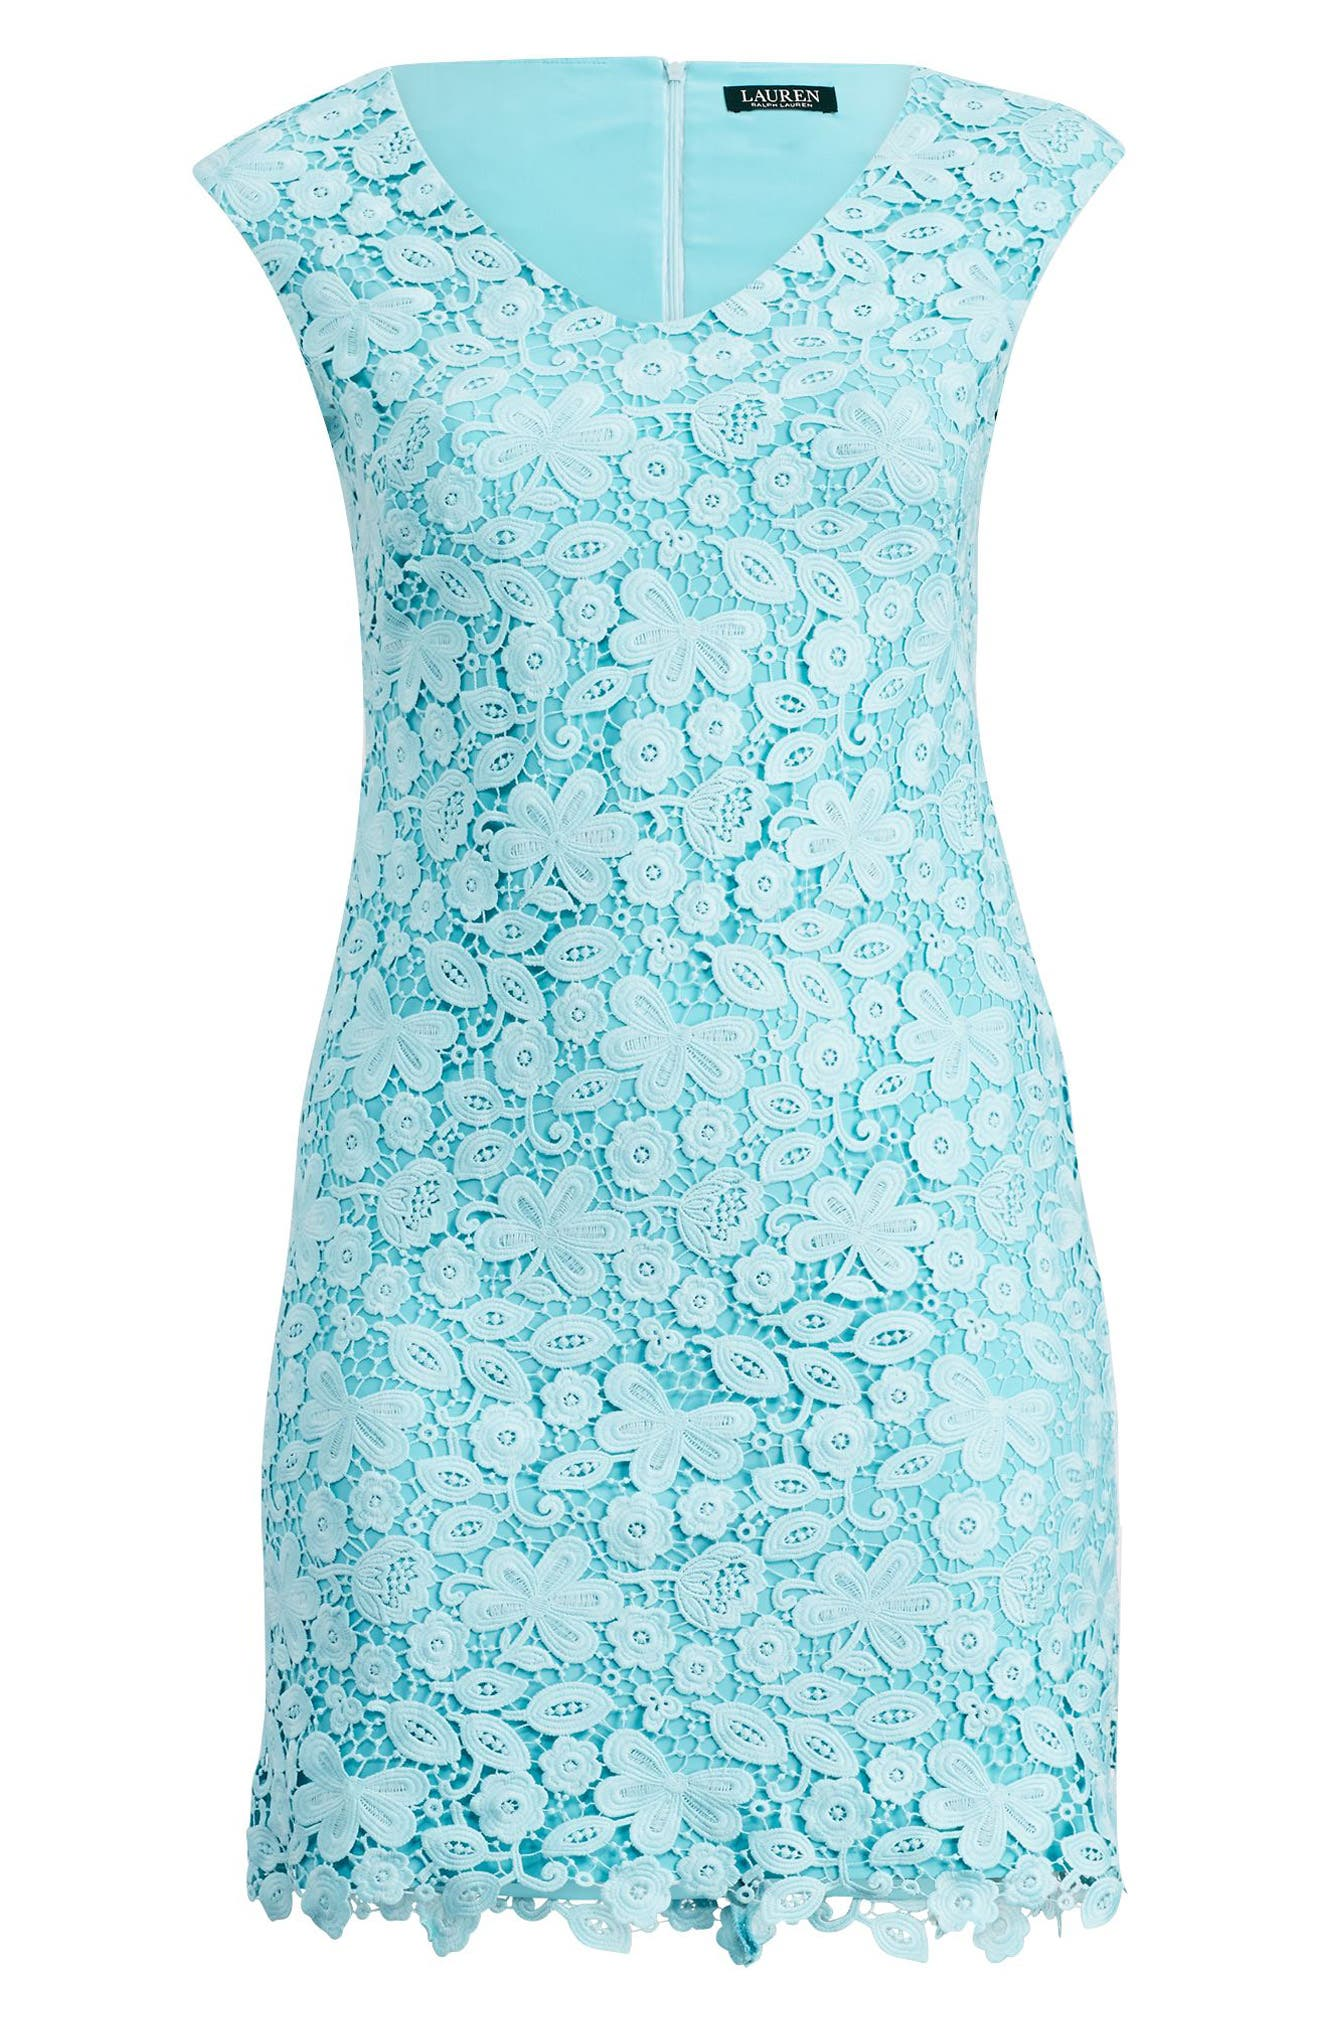 Montie Lace Sheath Dress,                             Alternate thumbnail 3, color,                             400